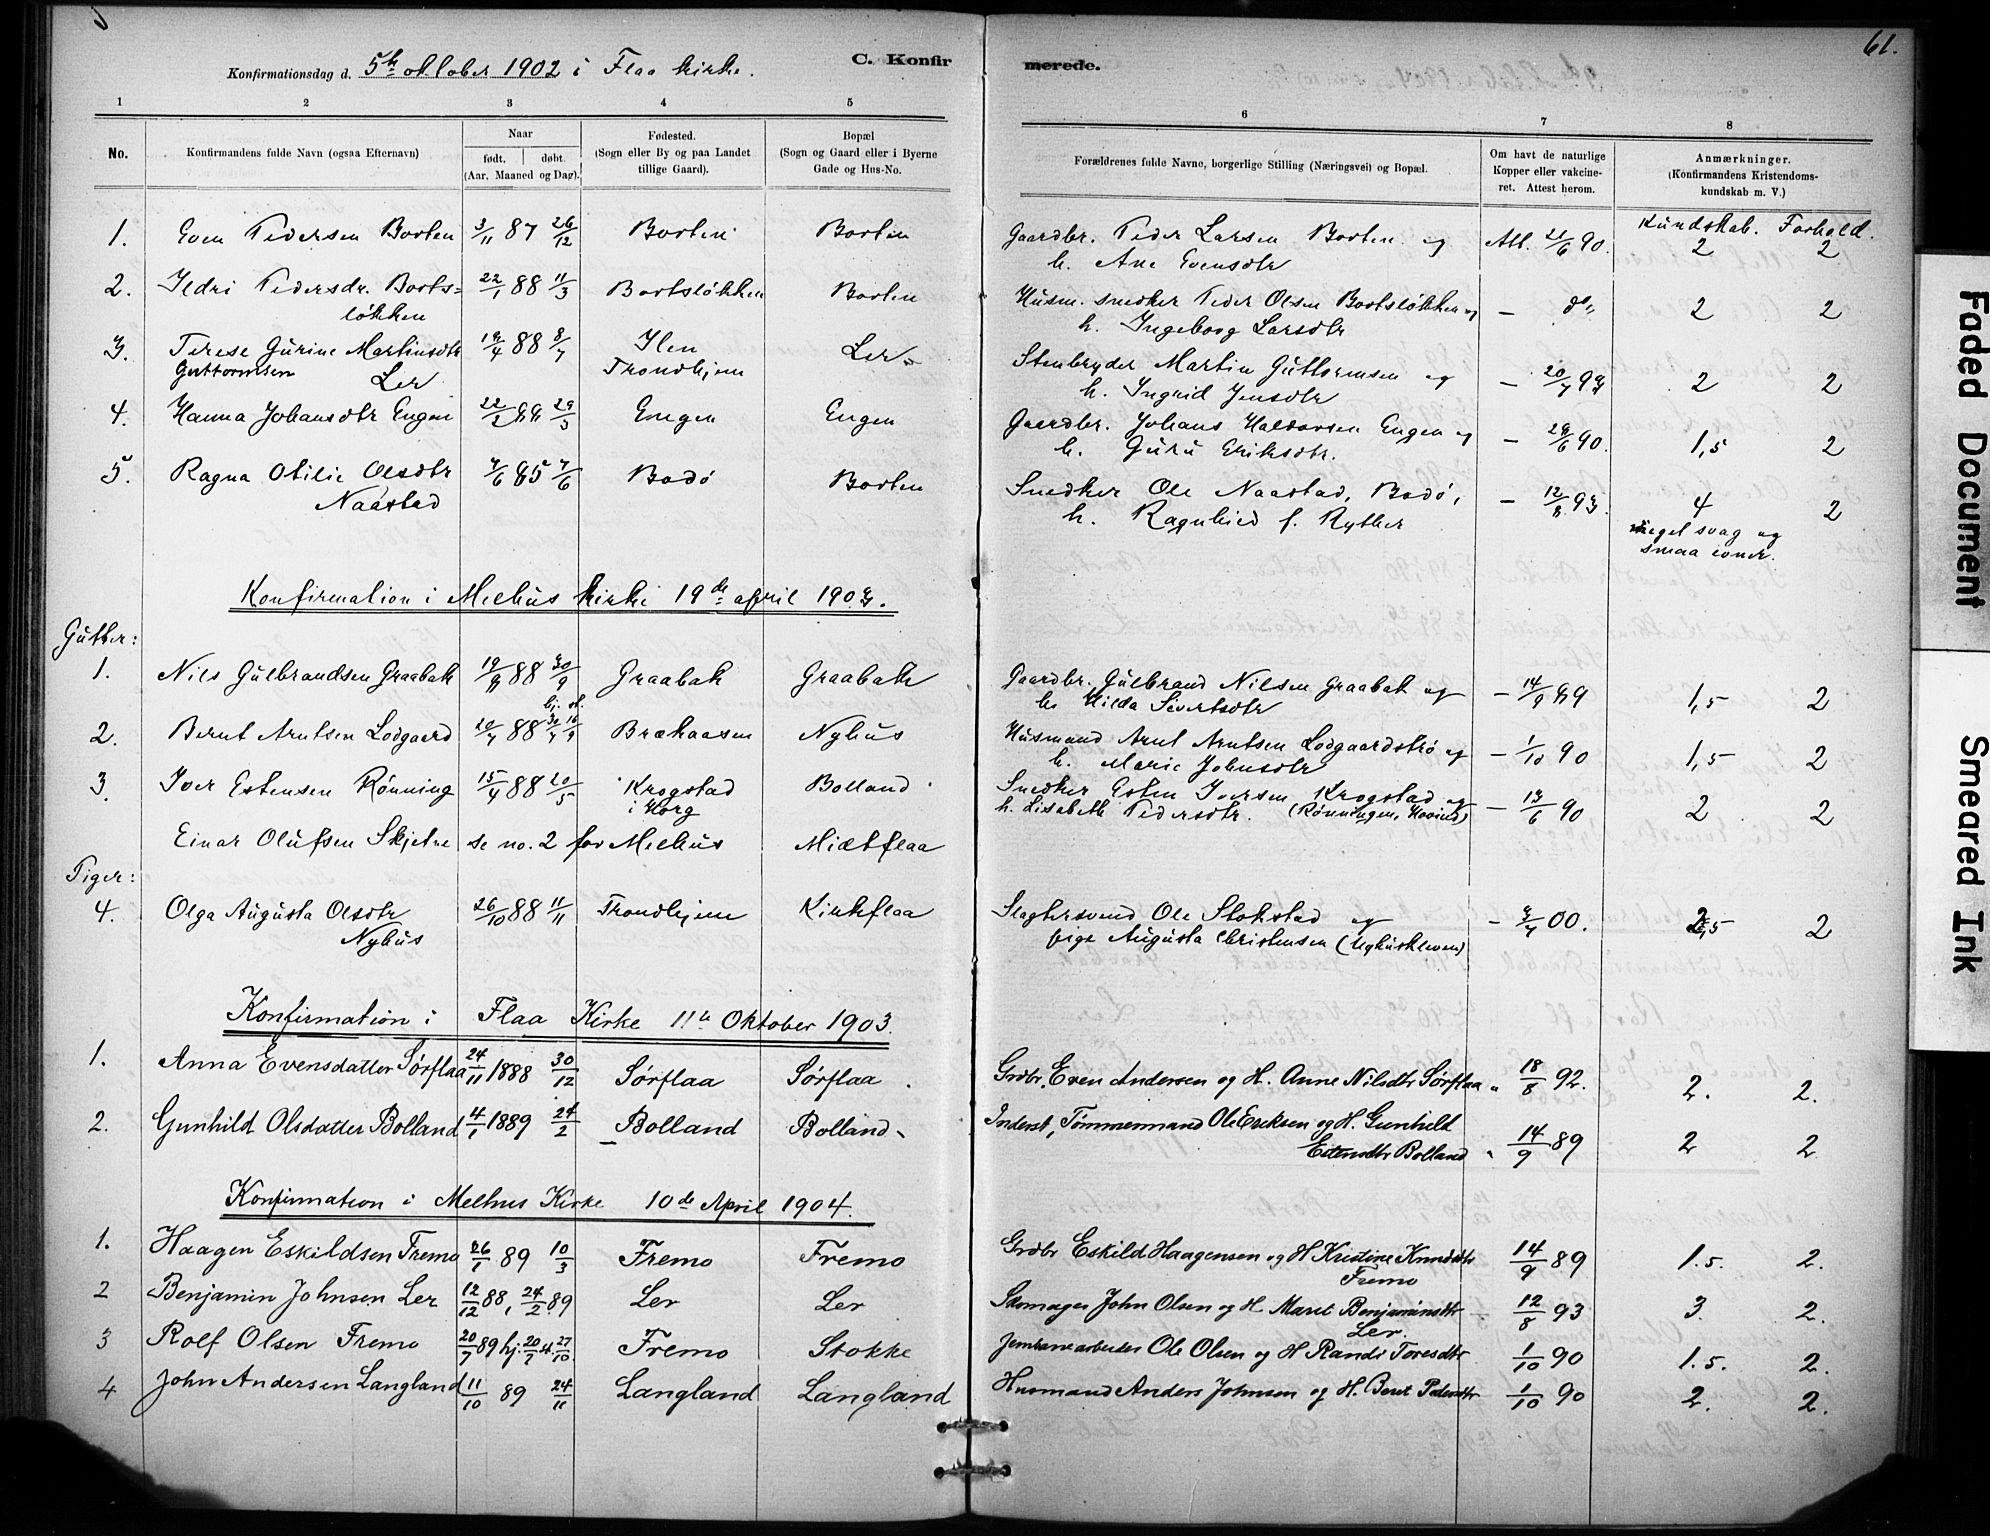 SAT, Ministerialprotokoller, klokkerbøker og fødselsregistre - Sør-Trøndelag, 693/L1119: Ministerialbok nr. 693A01, 1887-1905, s. 61